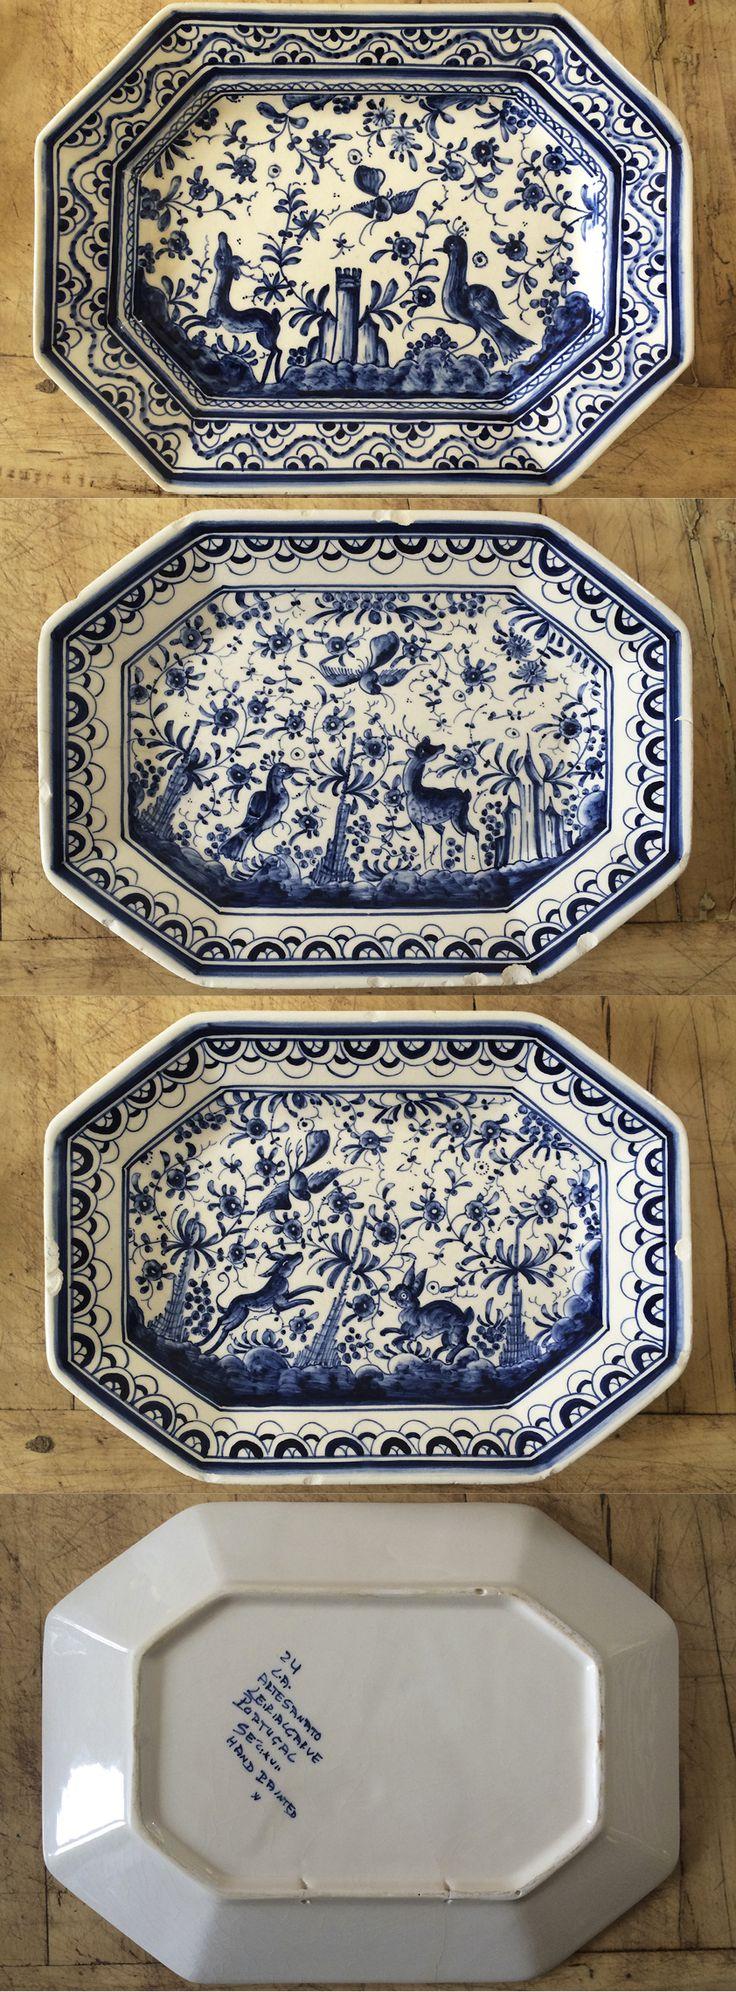 Piatti ottagonali portoghesi dipinti a mano con riproduzioni del 17° secolo. Collezione privata di STRA-DE STRATEGIC-DESIGN.